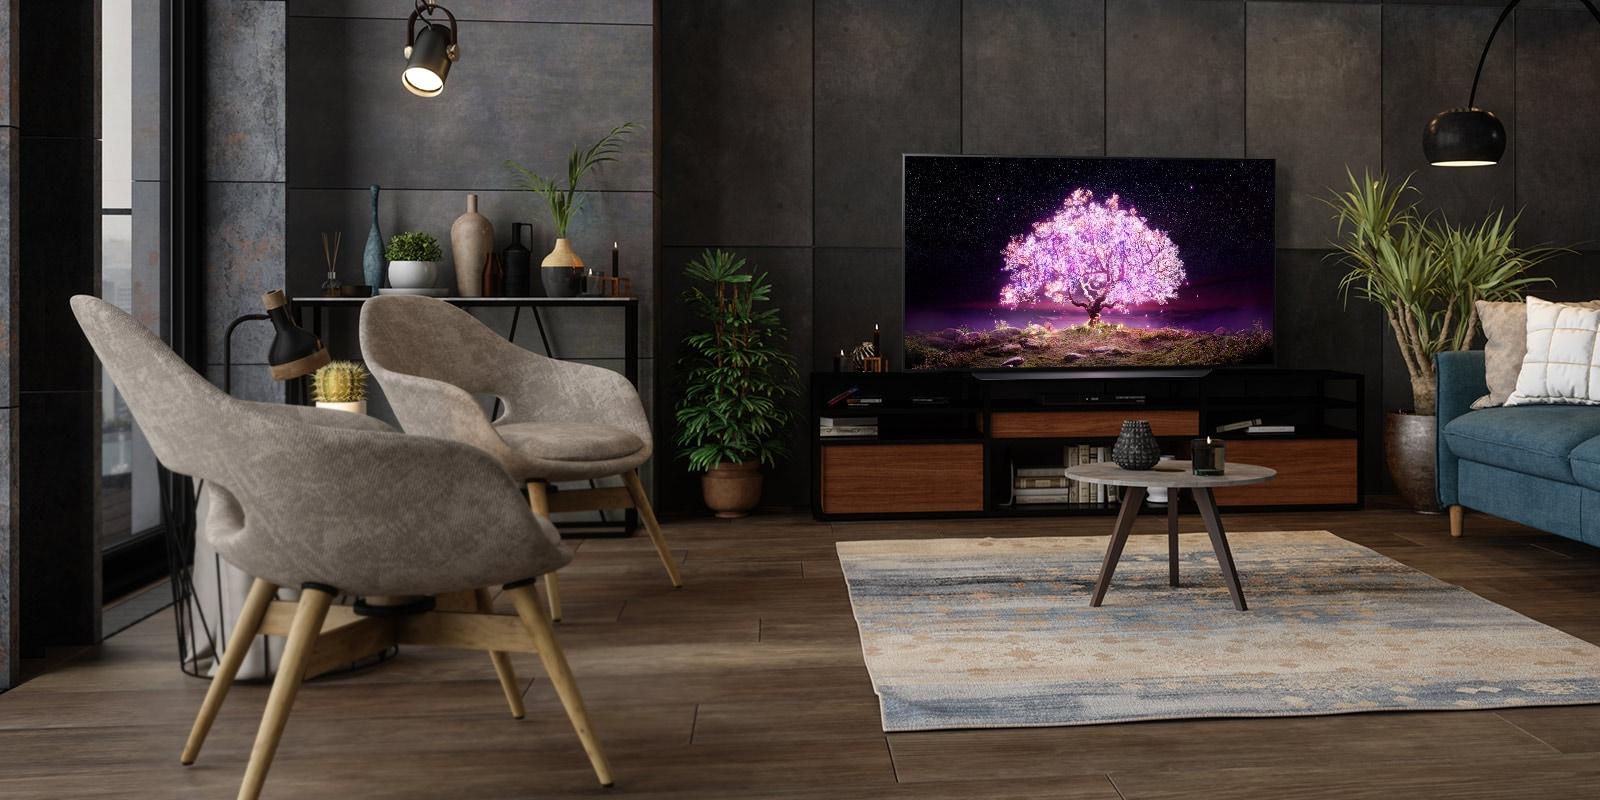 Televizija, ki sredi belega in preprostega bivalnega okolja prikazuje rdečkasto drevo